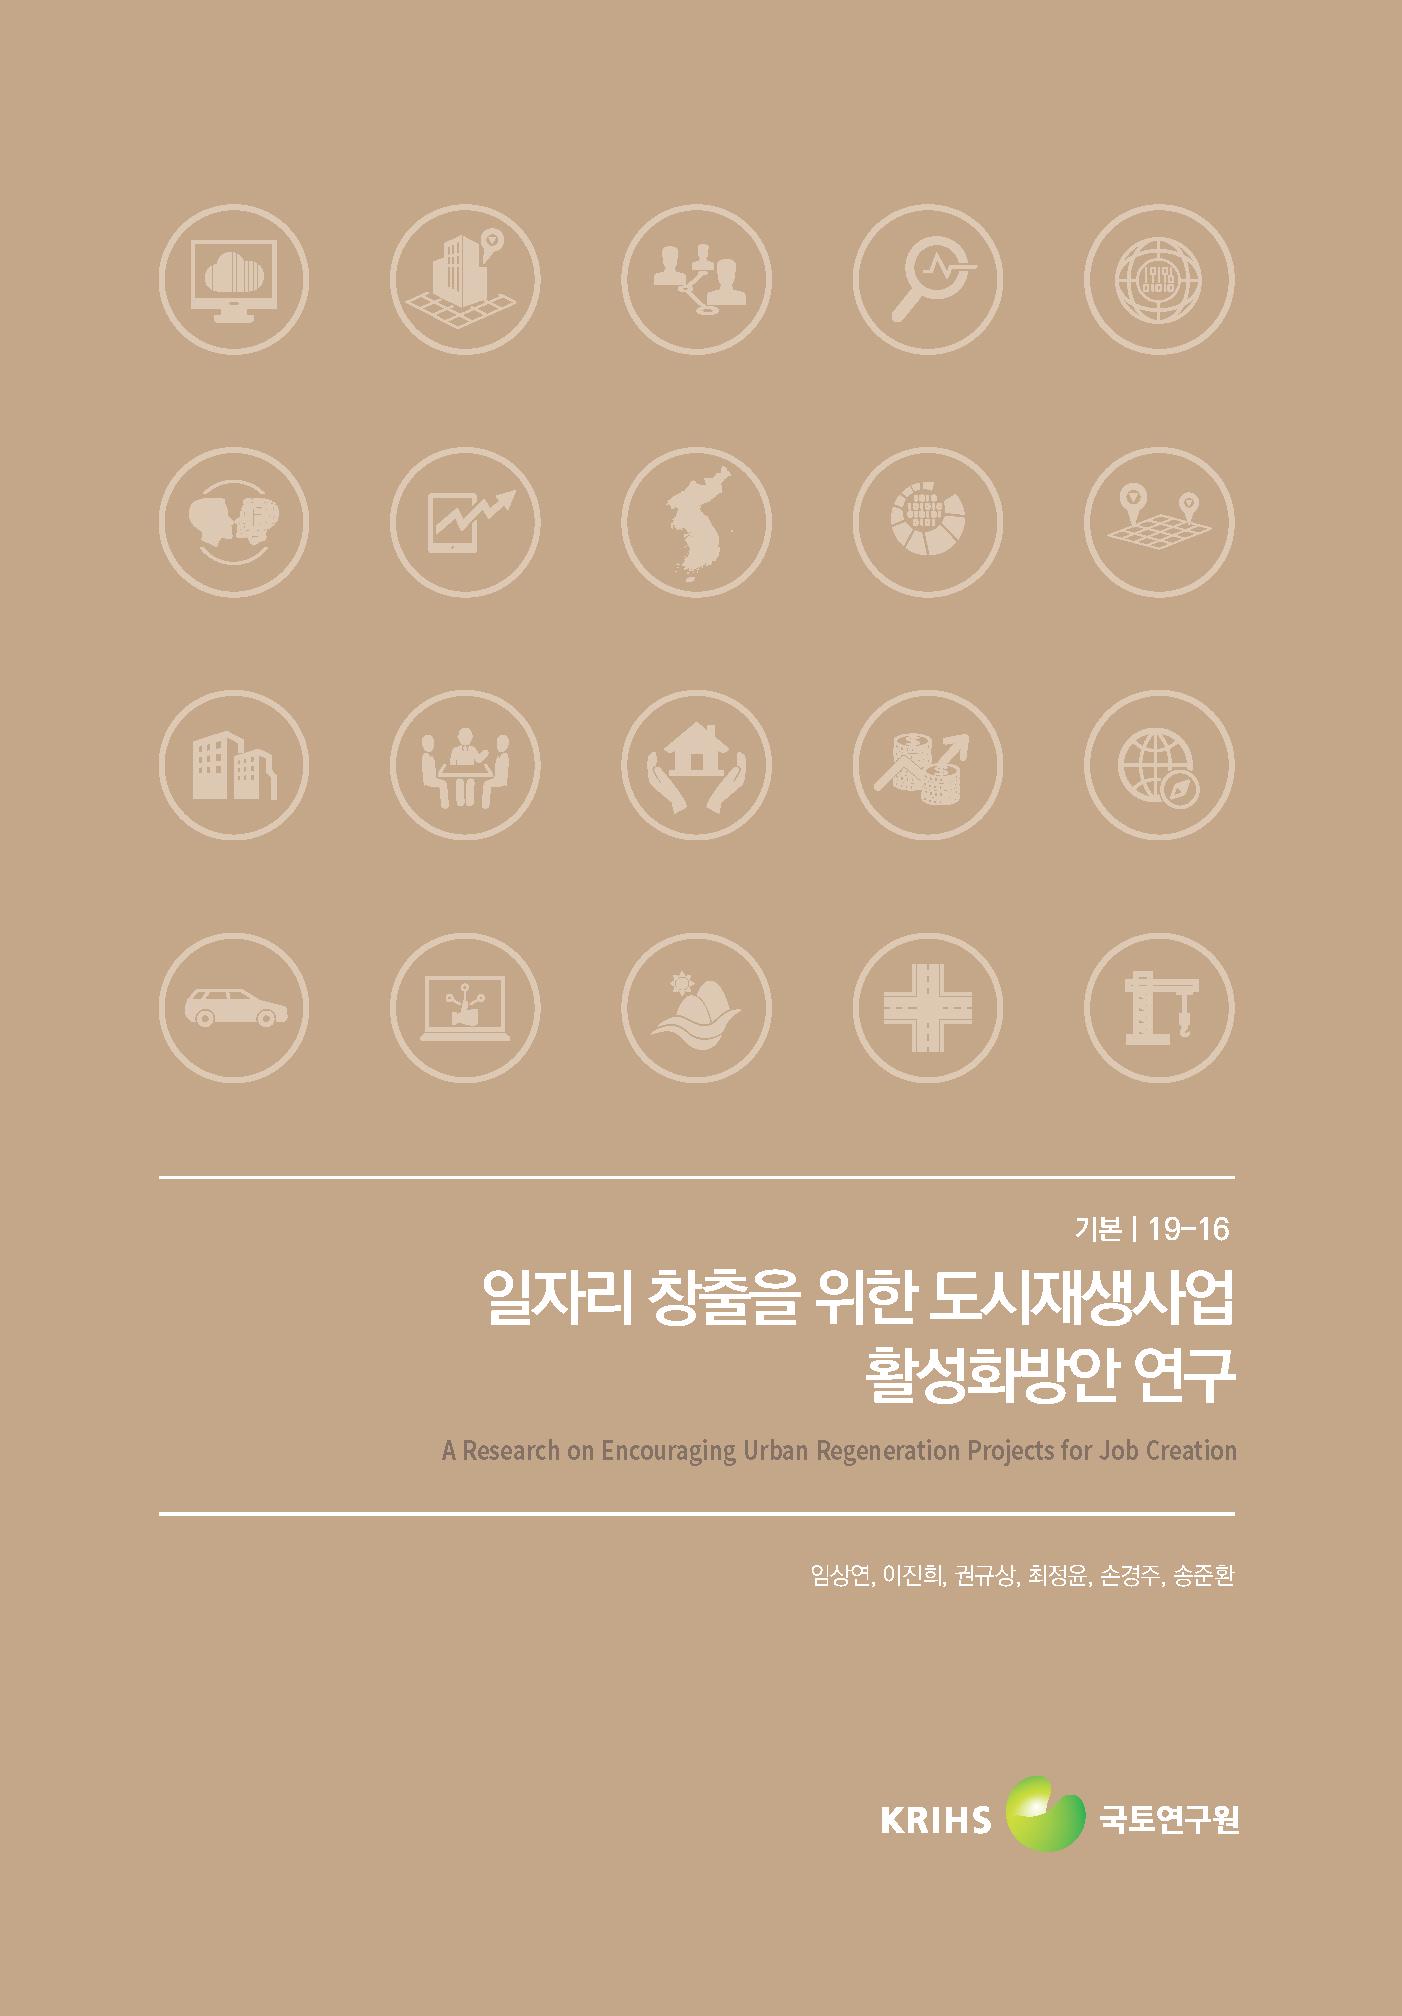 일자리 창출을 위한 도시재생사업 활성화방안 연구표지